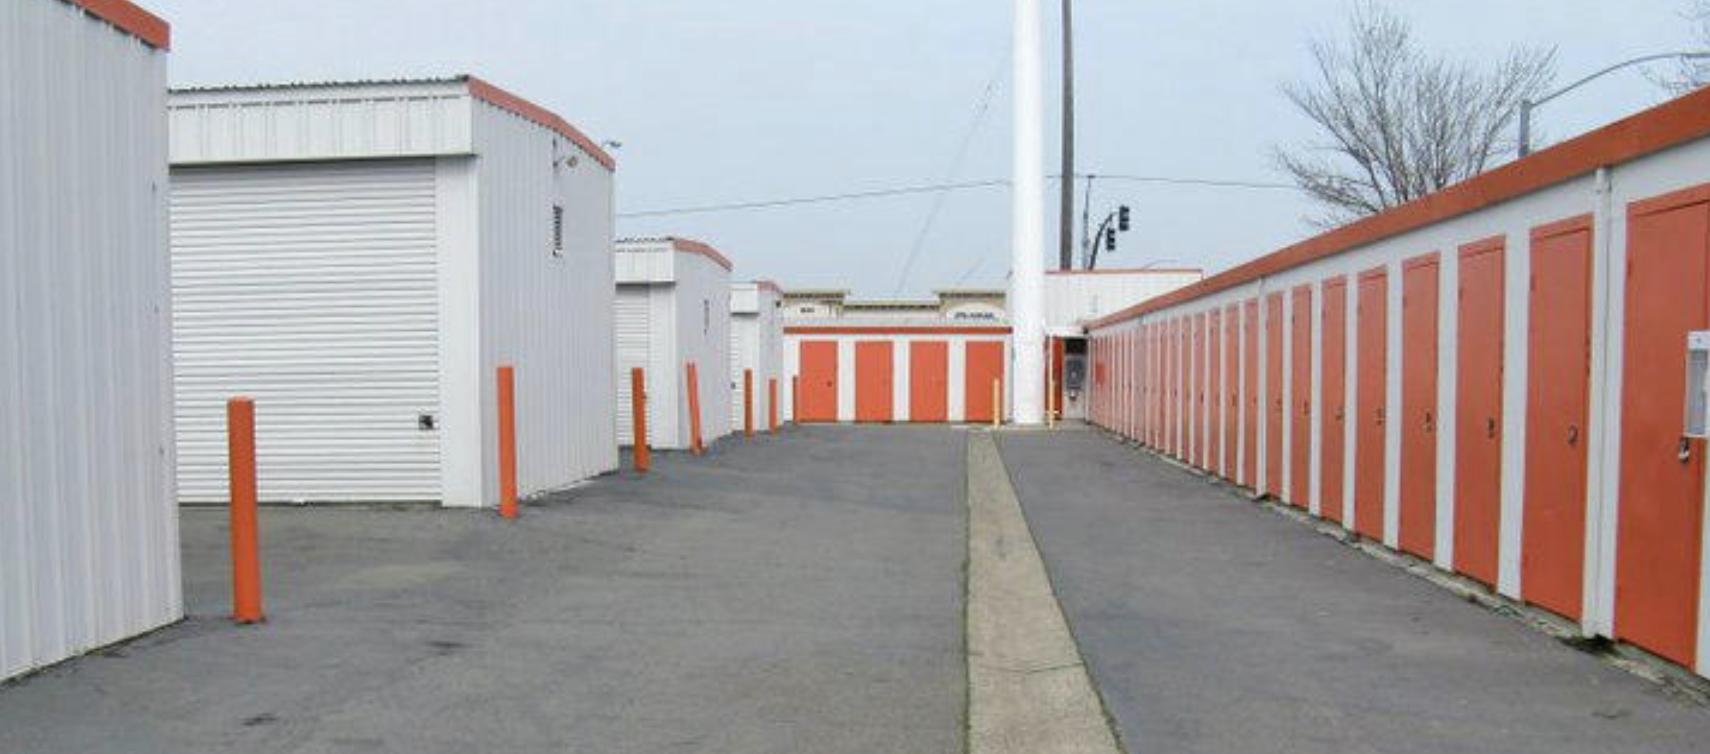 Sentry Storage - Elk Grove 1 8890 Sheldon Rd Elk Grove, CA 95624